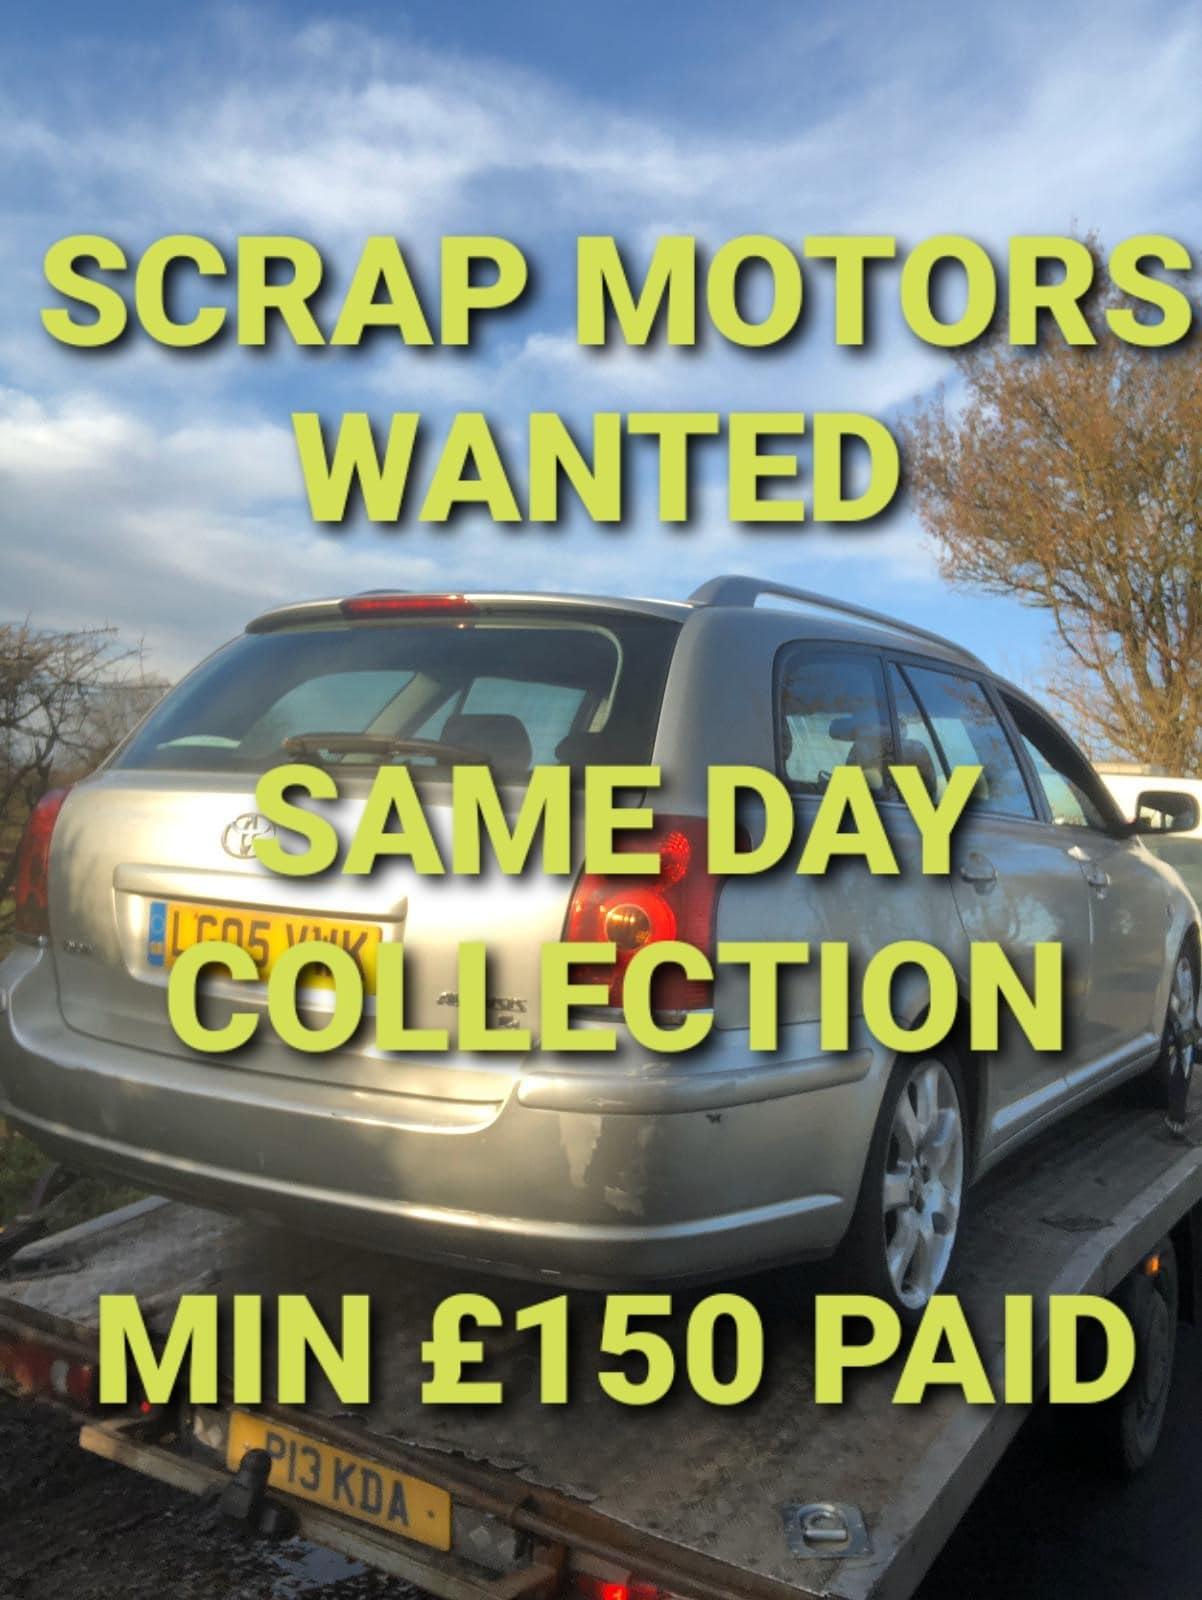 scrap motors wanted poster